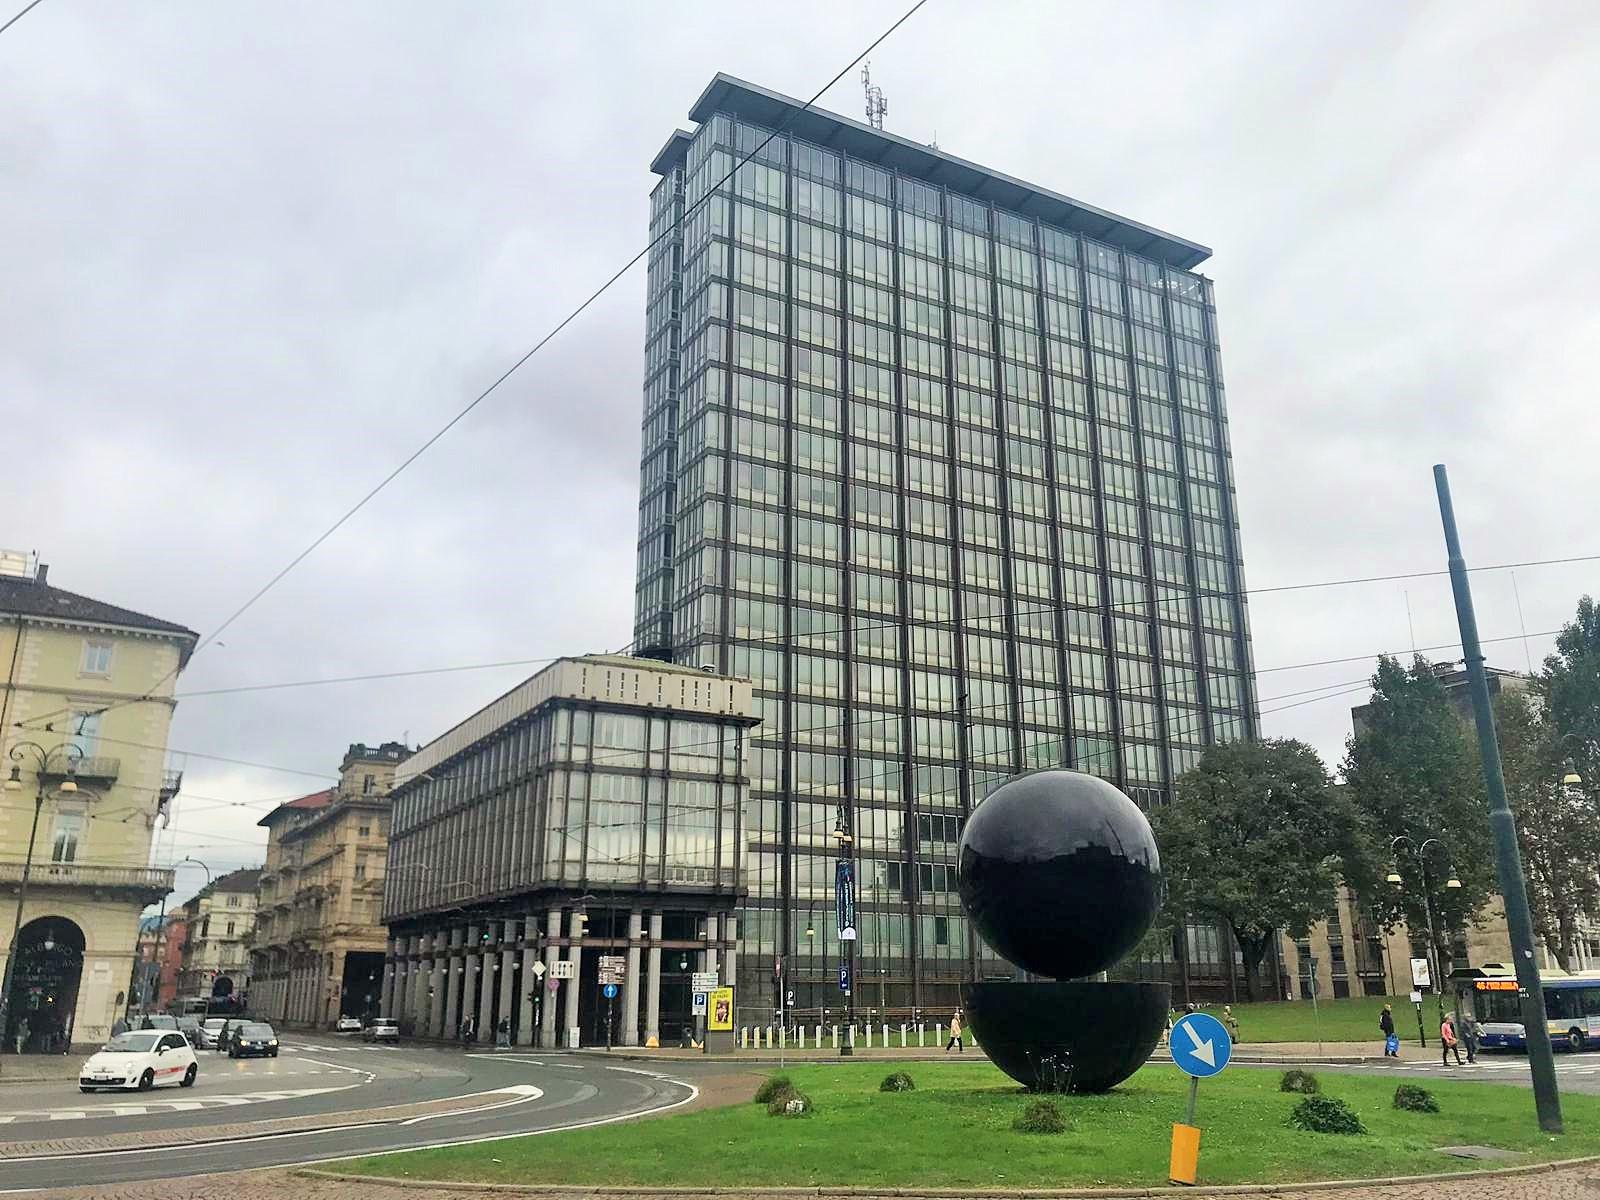 Photo of Sorte incerta per l'ex grattacielo Rai. I proventi andranno a Roma?